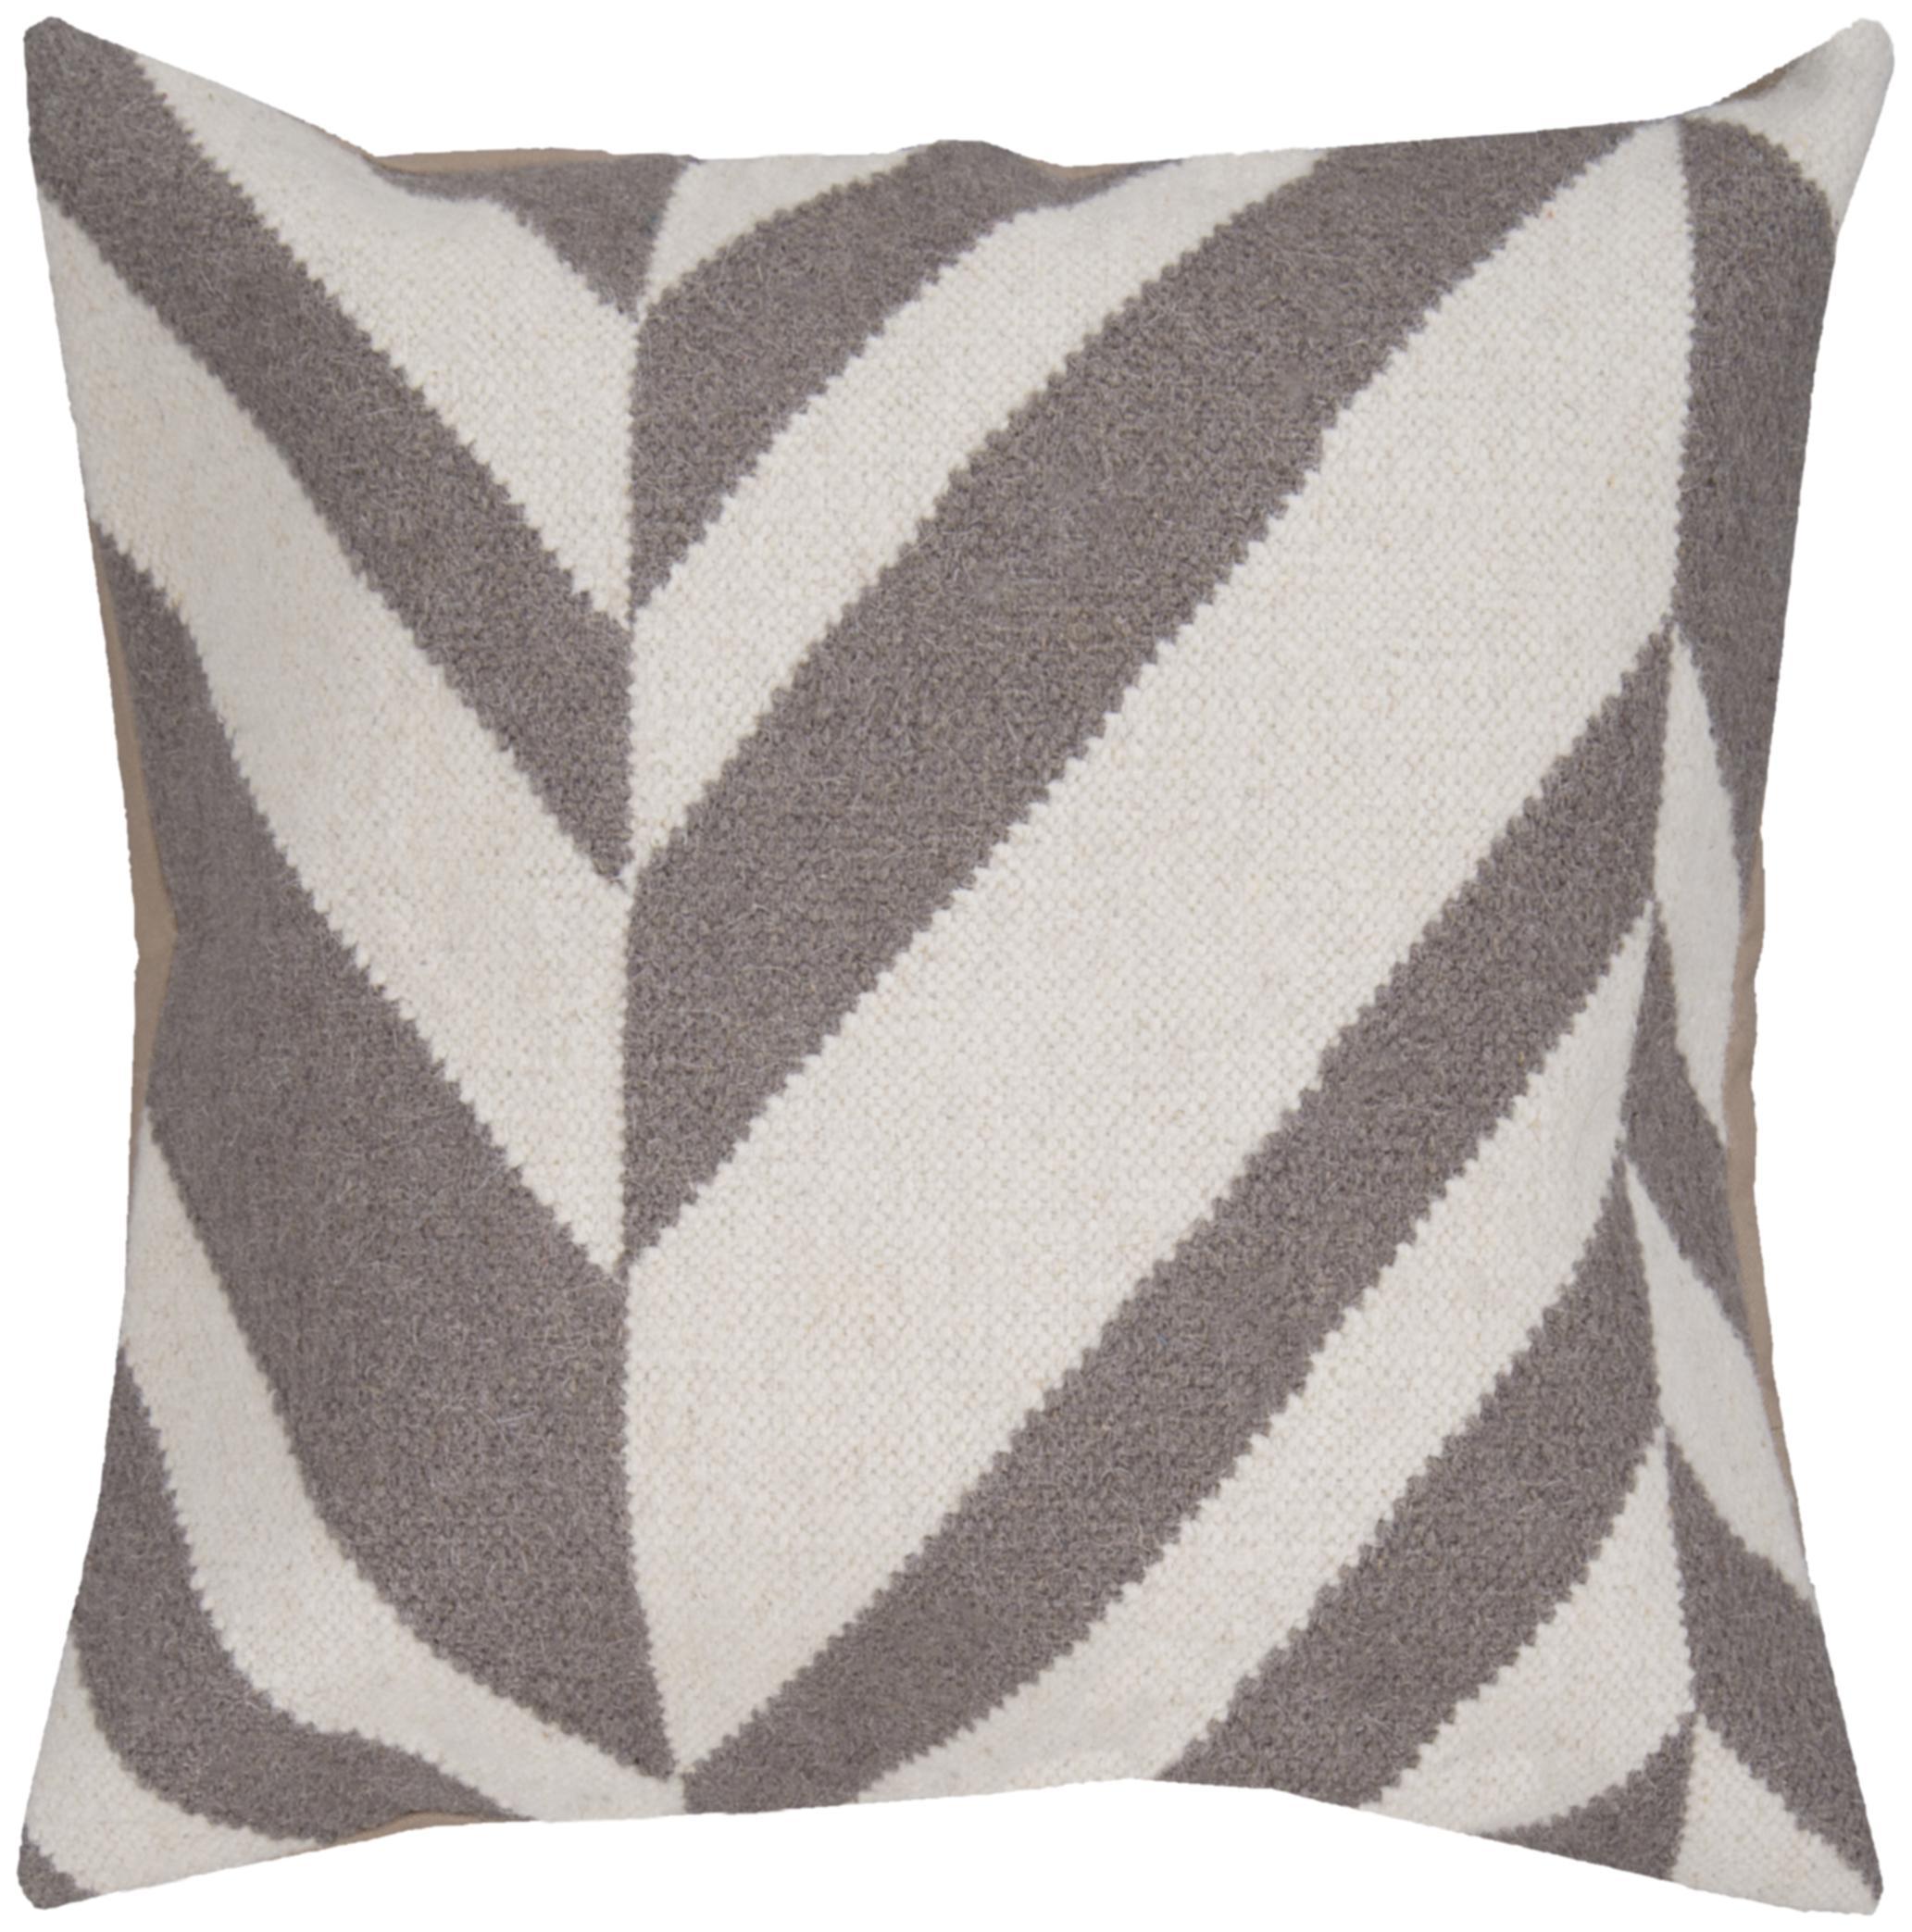 """Surya Pillows 22"""" x 22"""" Pillow - Item Number: FA035-2222P"""